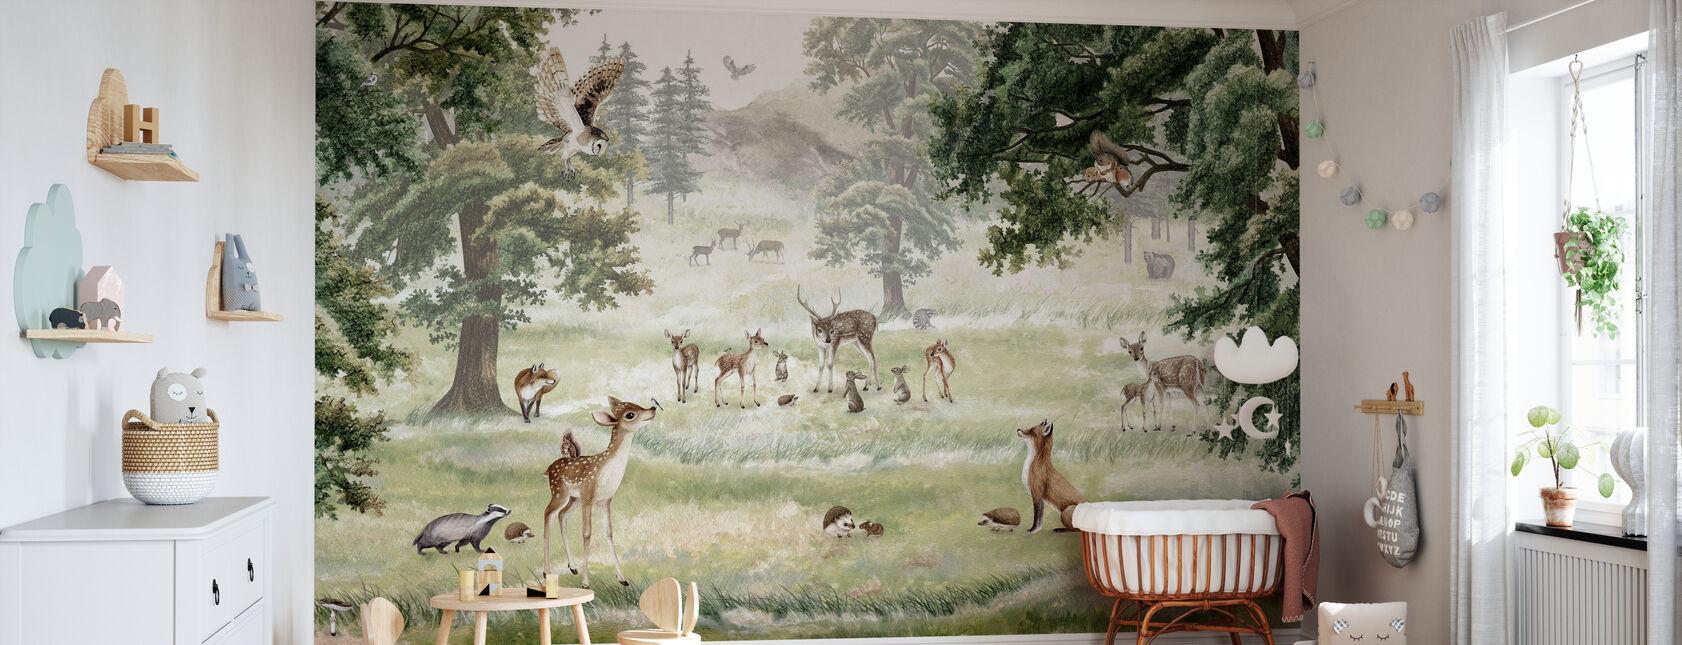 Forrest Spaß - Tapete - Babyzimmer